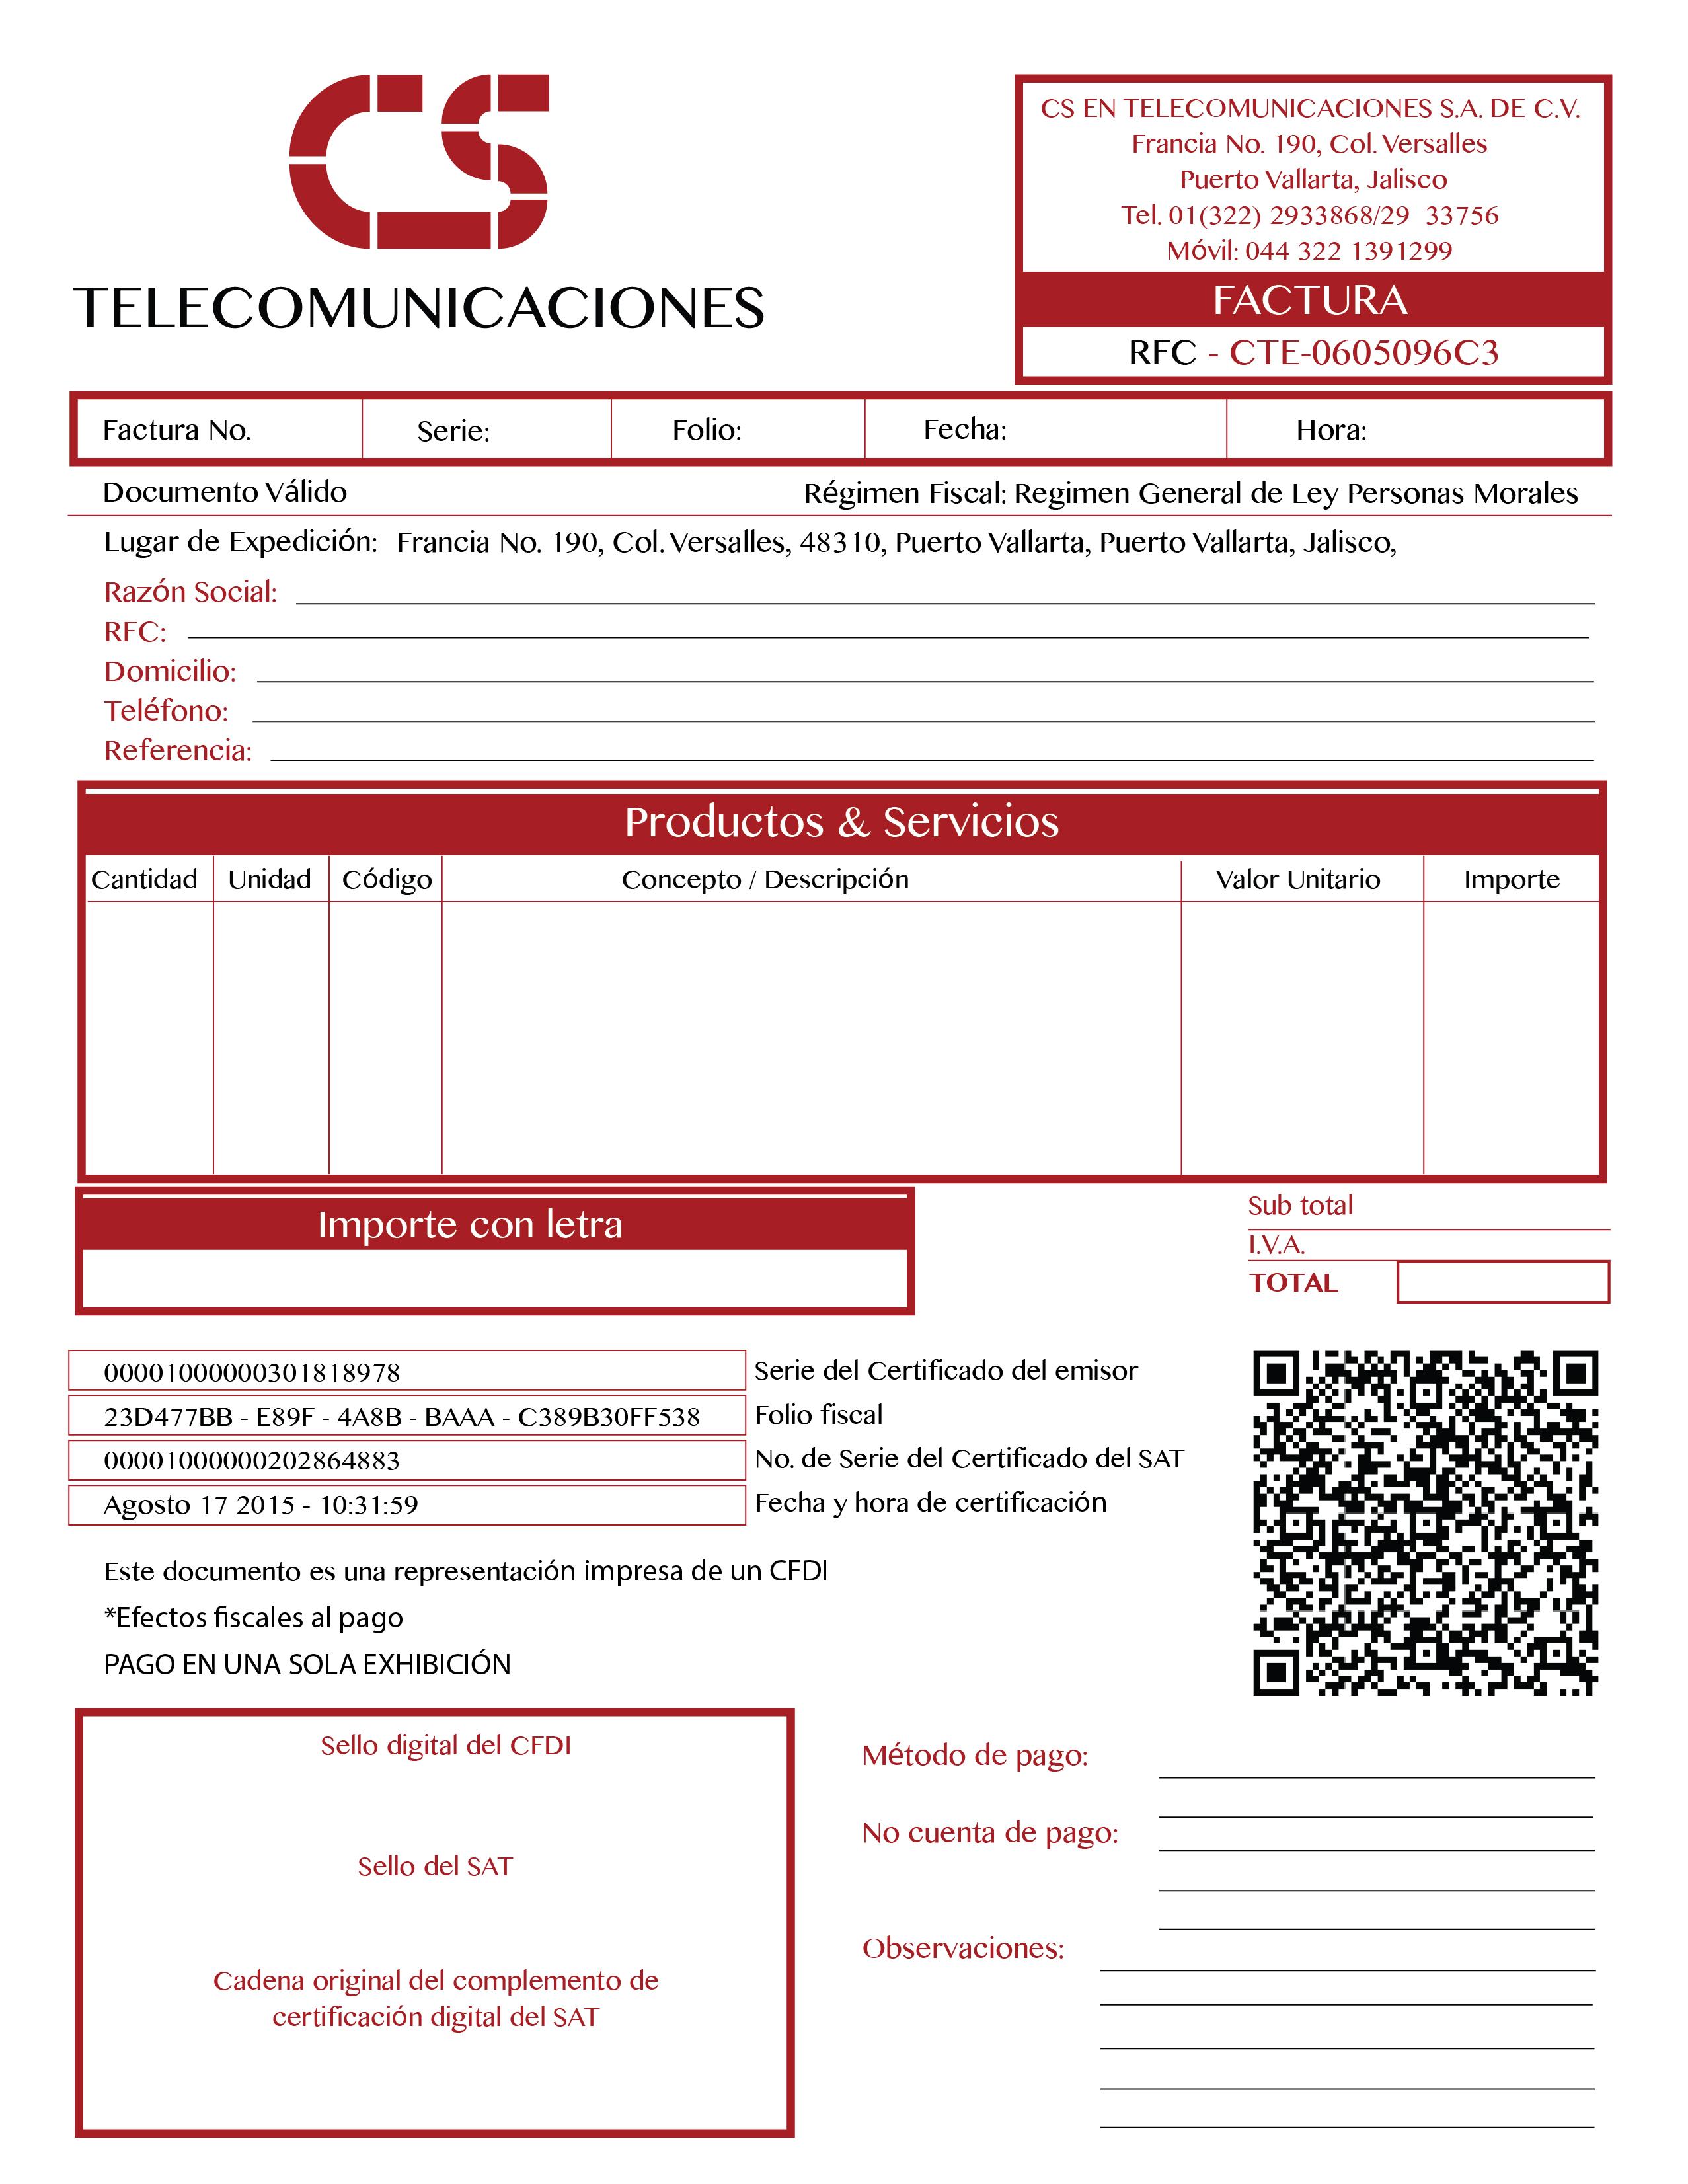 index of contpaq respaldo formatos facturas cs telecom